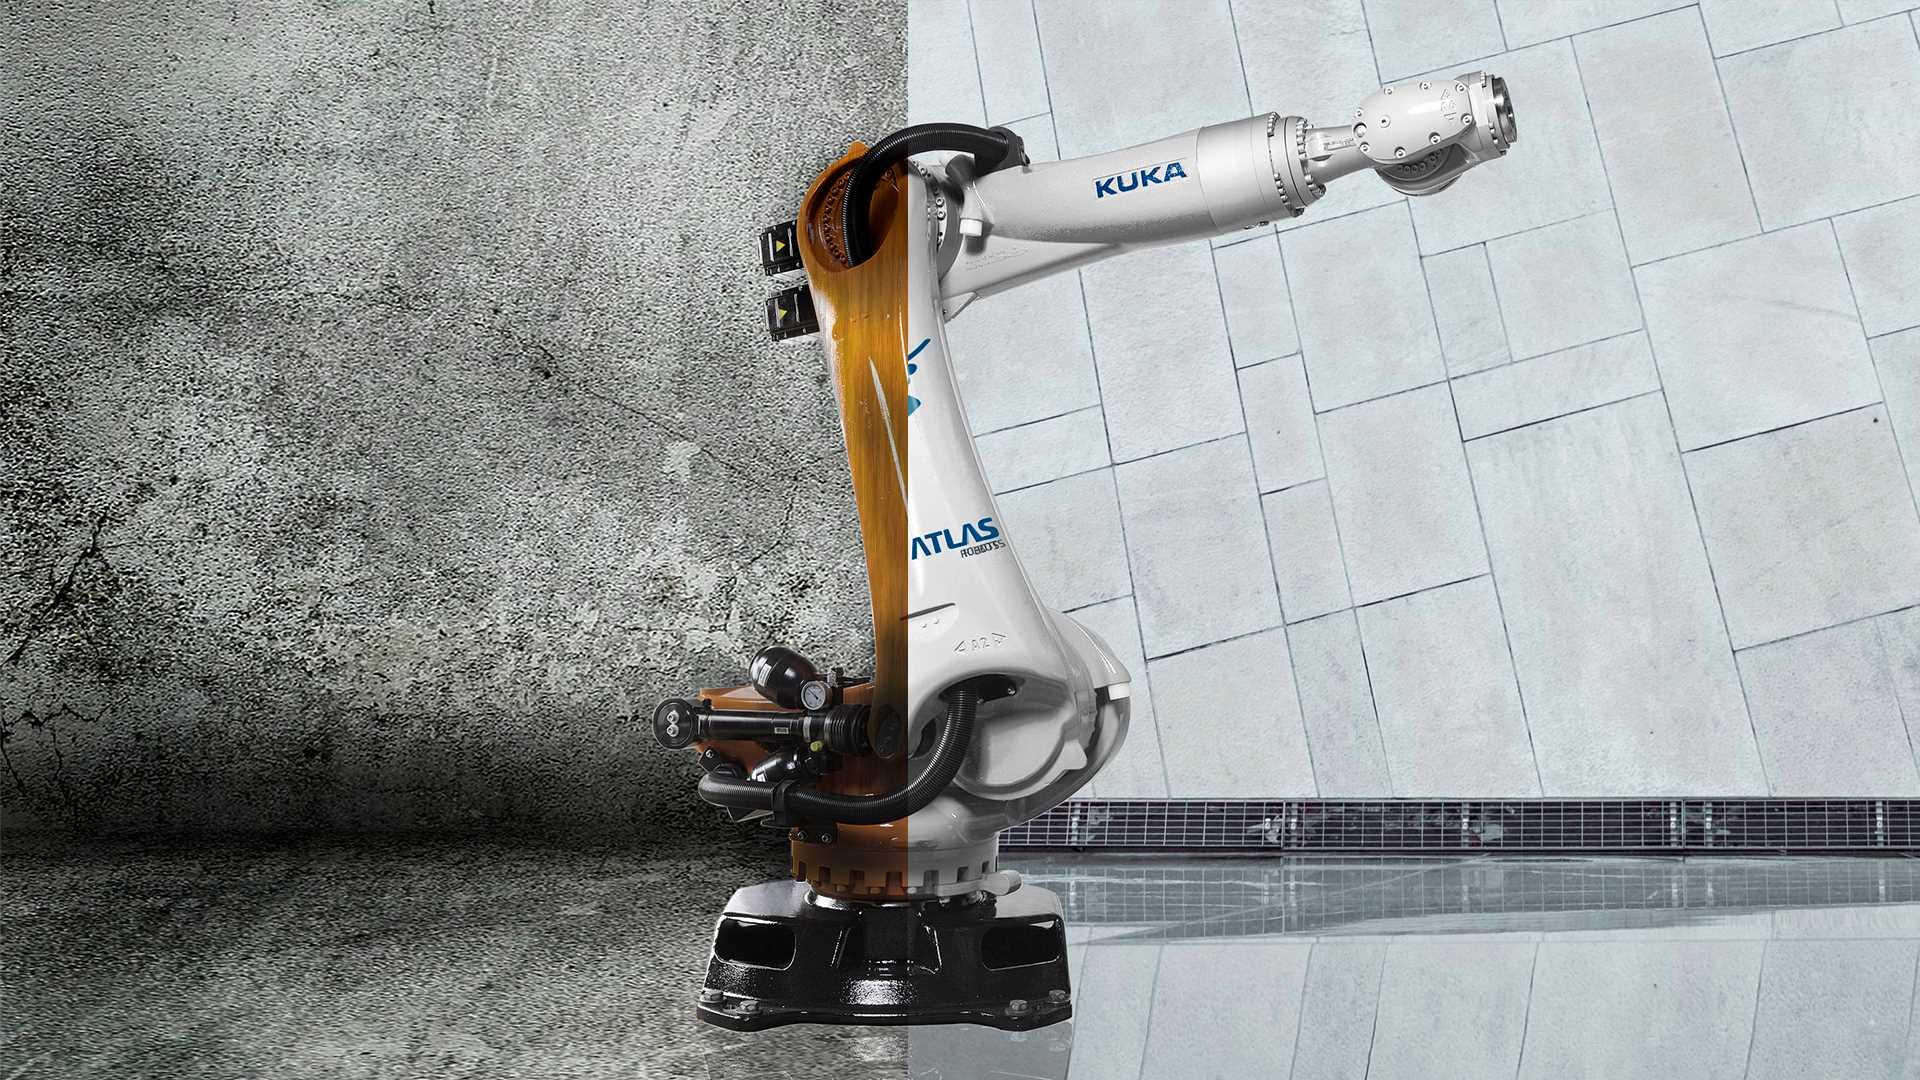 Comprar um robô industrial a 40% do seu preço? Agora é possível com robôs industriais em segunda mão!